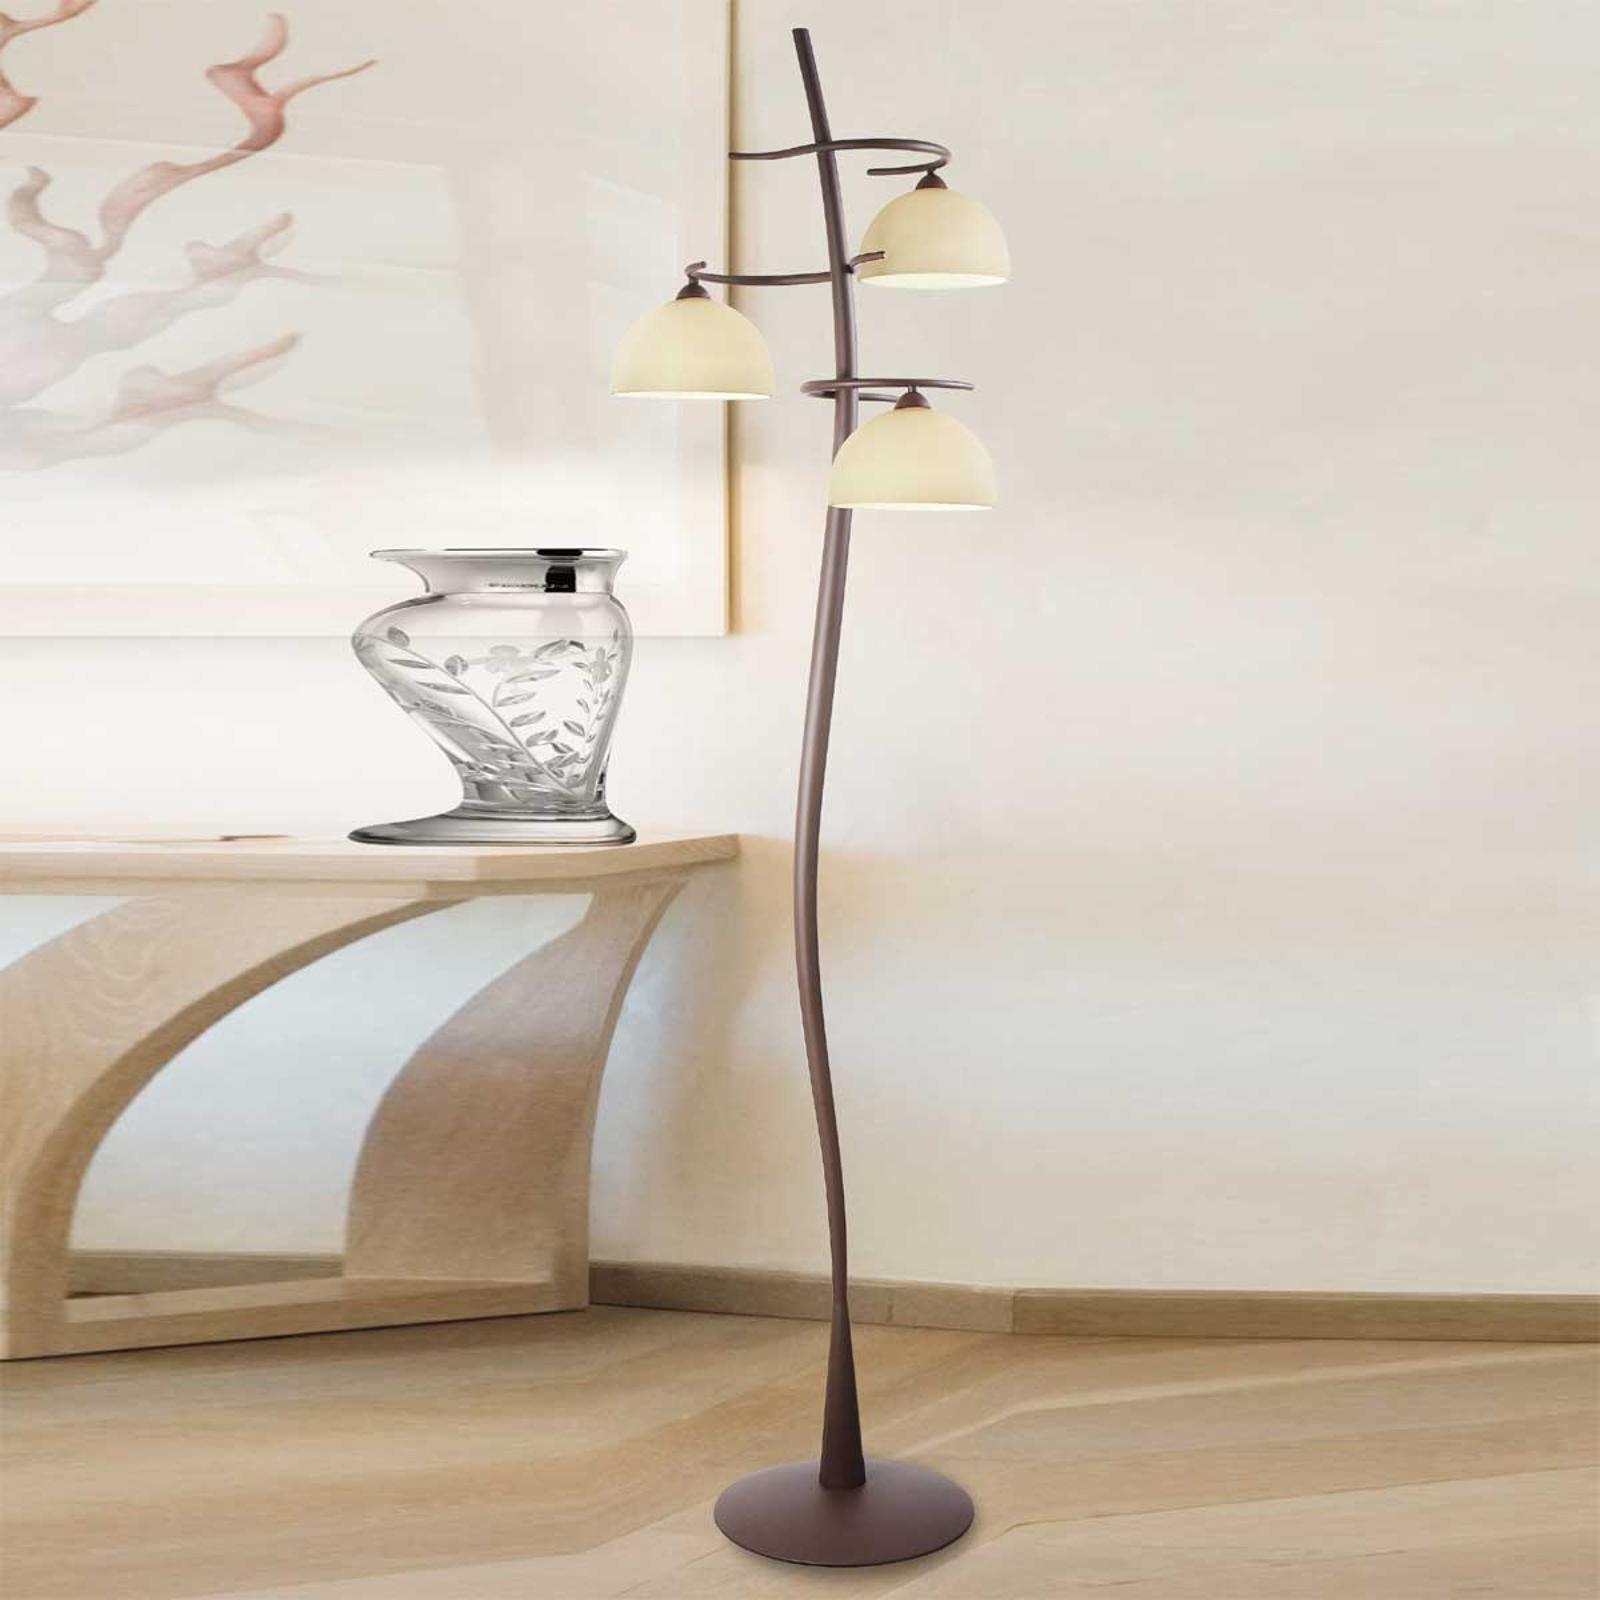 Lampa stojąca Christian trzypunktowa